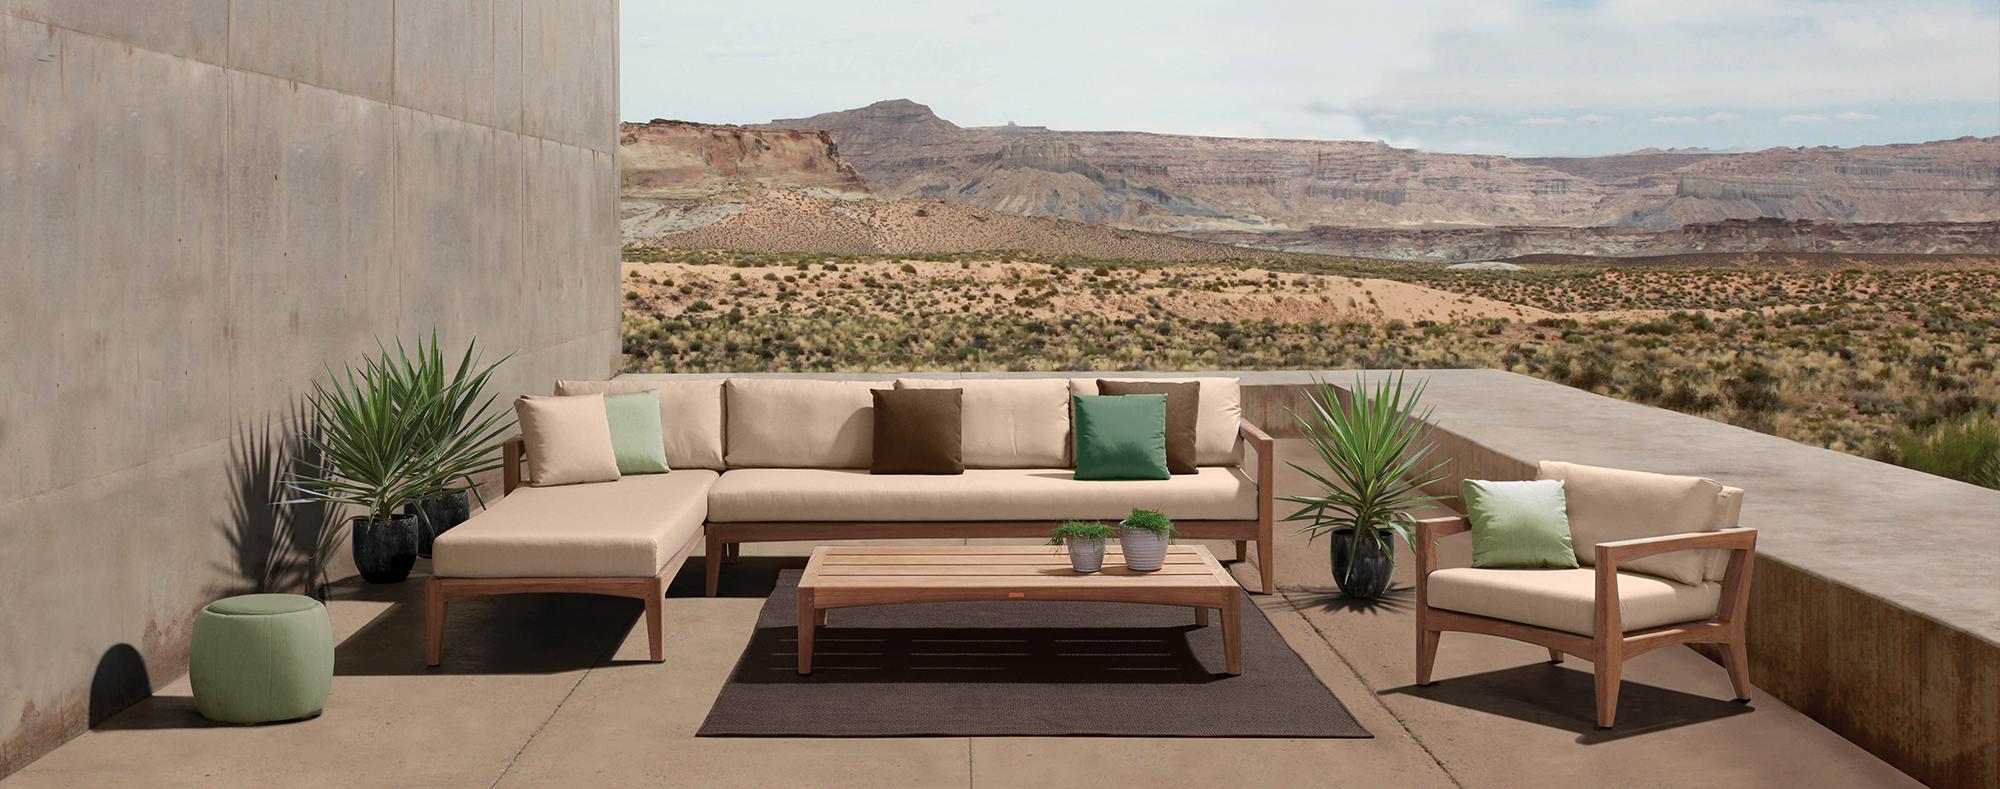 Zenhit luxury outdoor seating